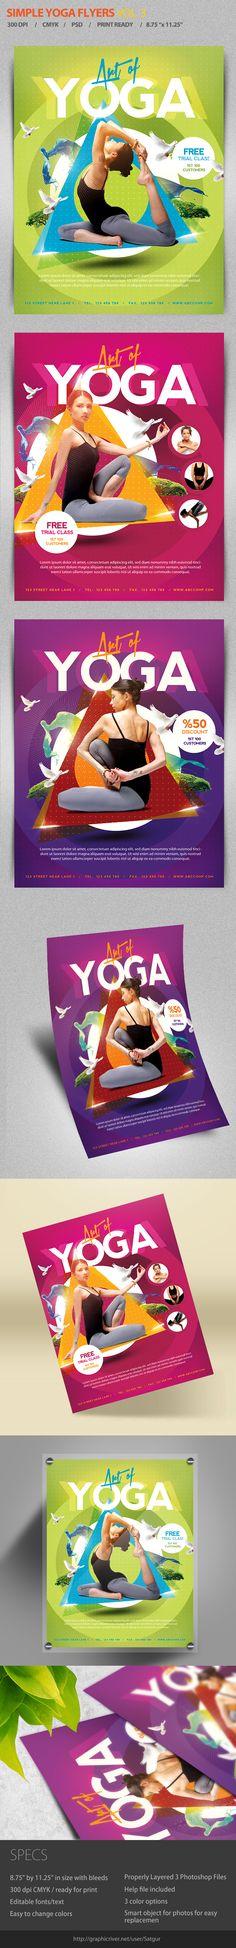 Simple Yoga Flyer Template by satgur, via Behance